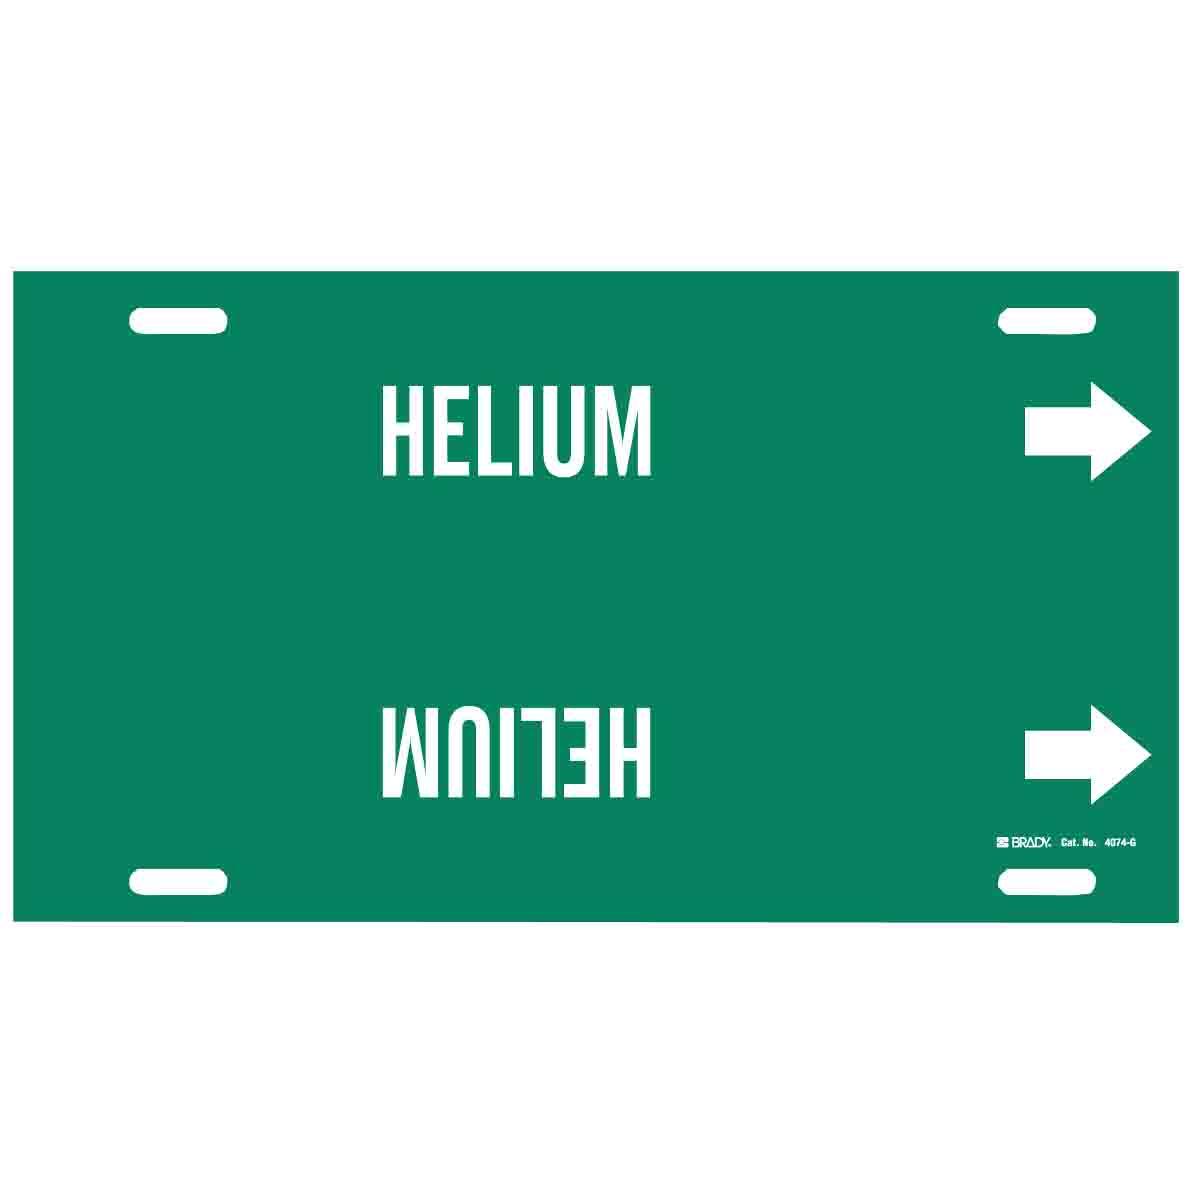 Brady Part 4074 G 40494 Helium Pipe Marker Bradycanada